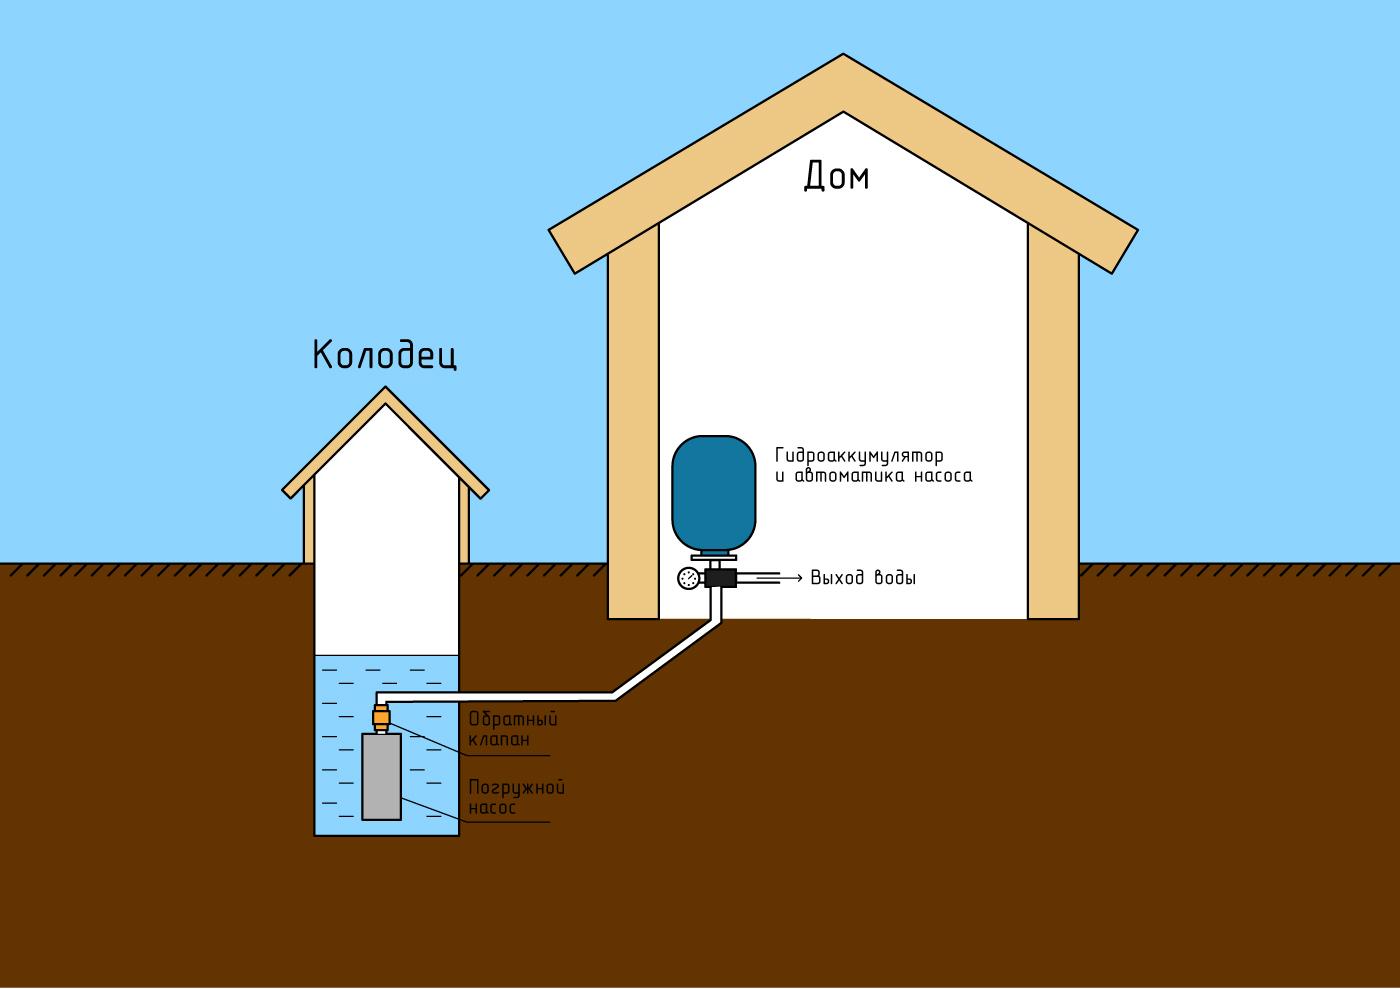 Как подвести воду в частный дом и какую водопроводную арматуру купить